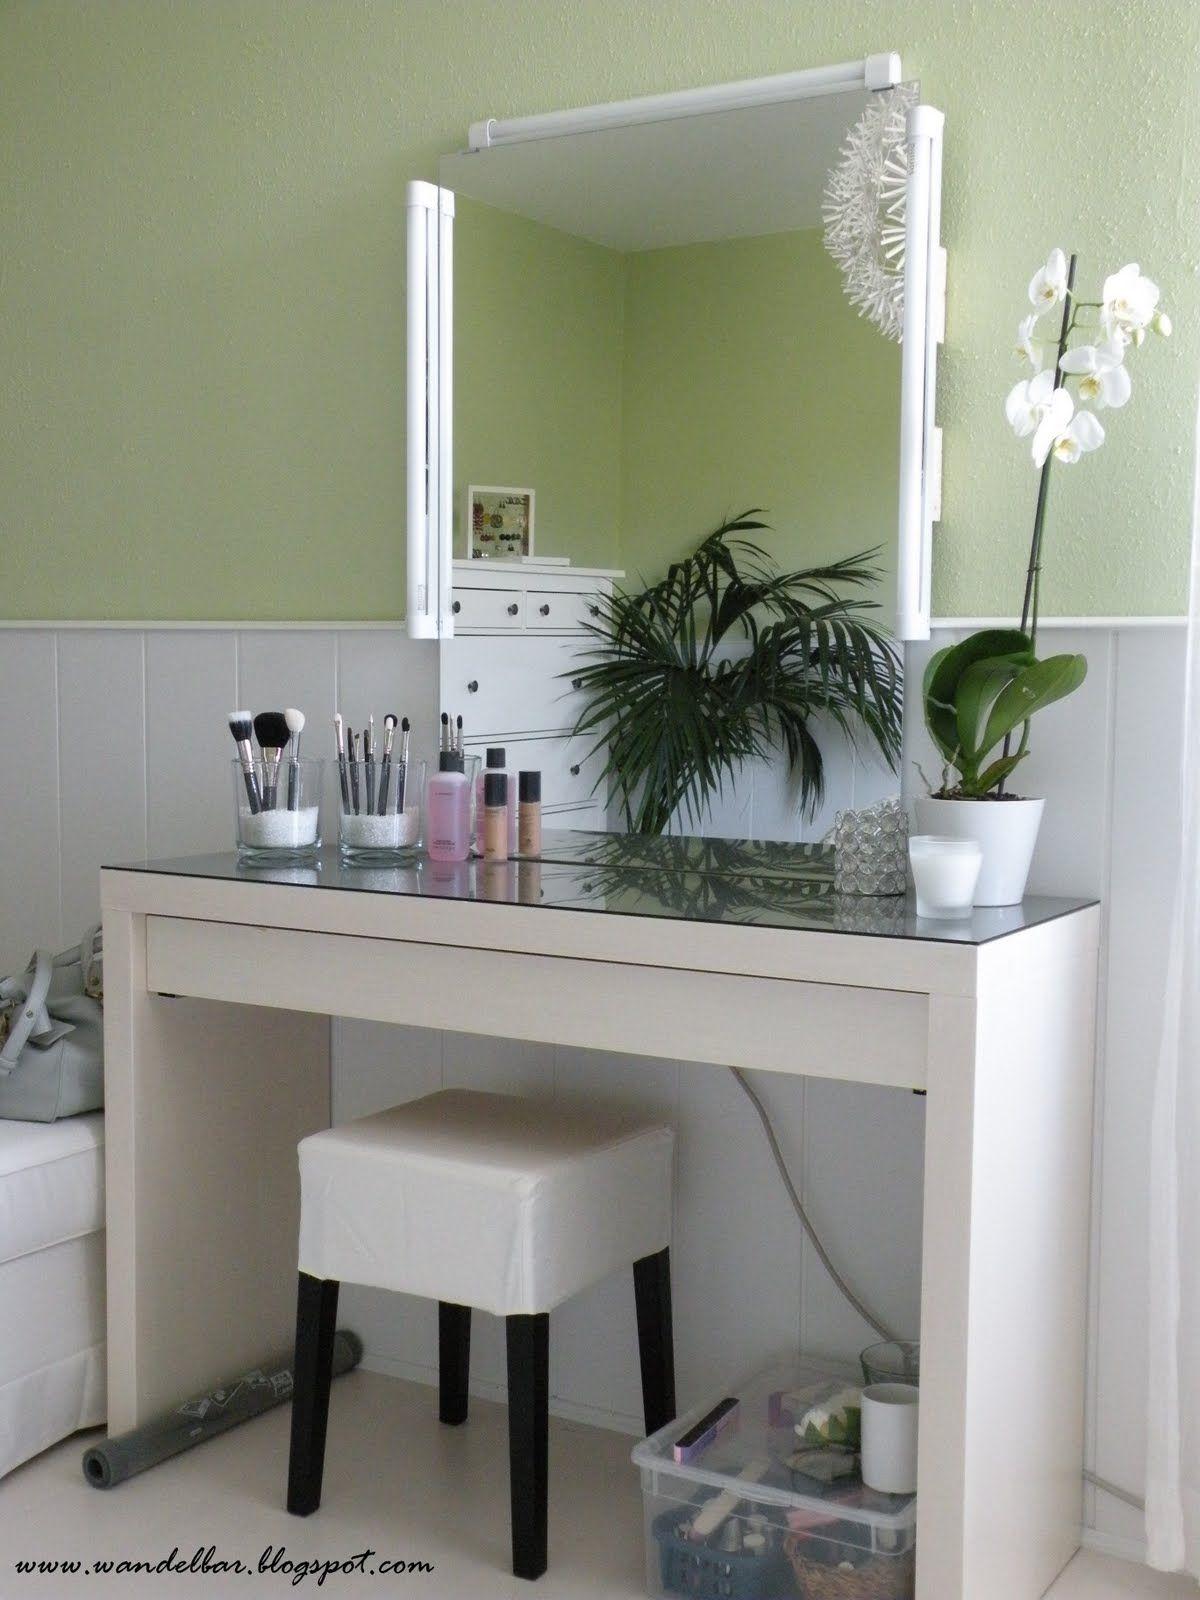 wandelbar schminktisch schminktische pinterest schminktische schlafzimmer und einrichtung. Black Bedroom Furniture Sets. Home Design Ideas